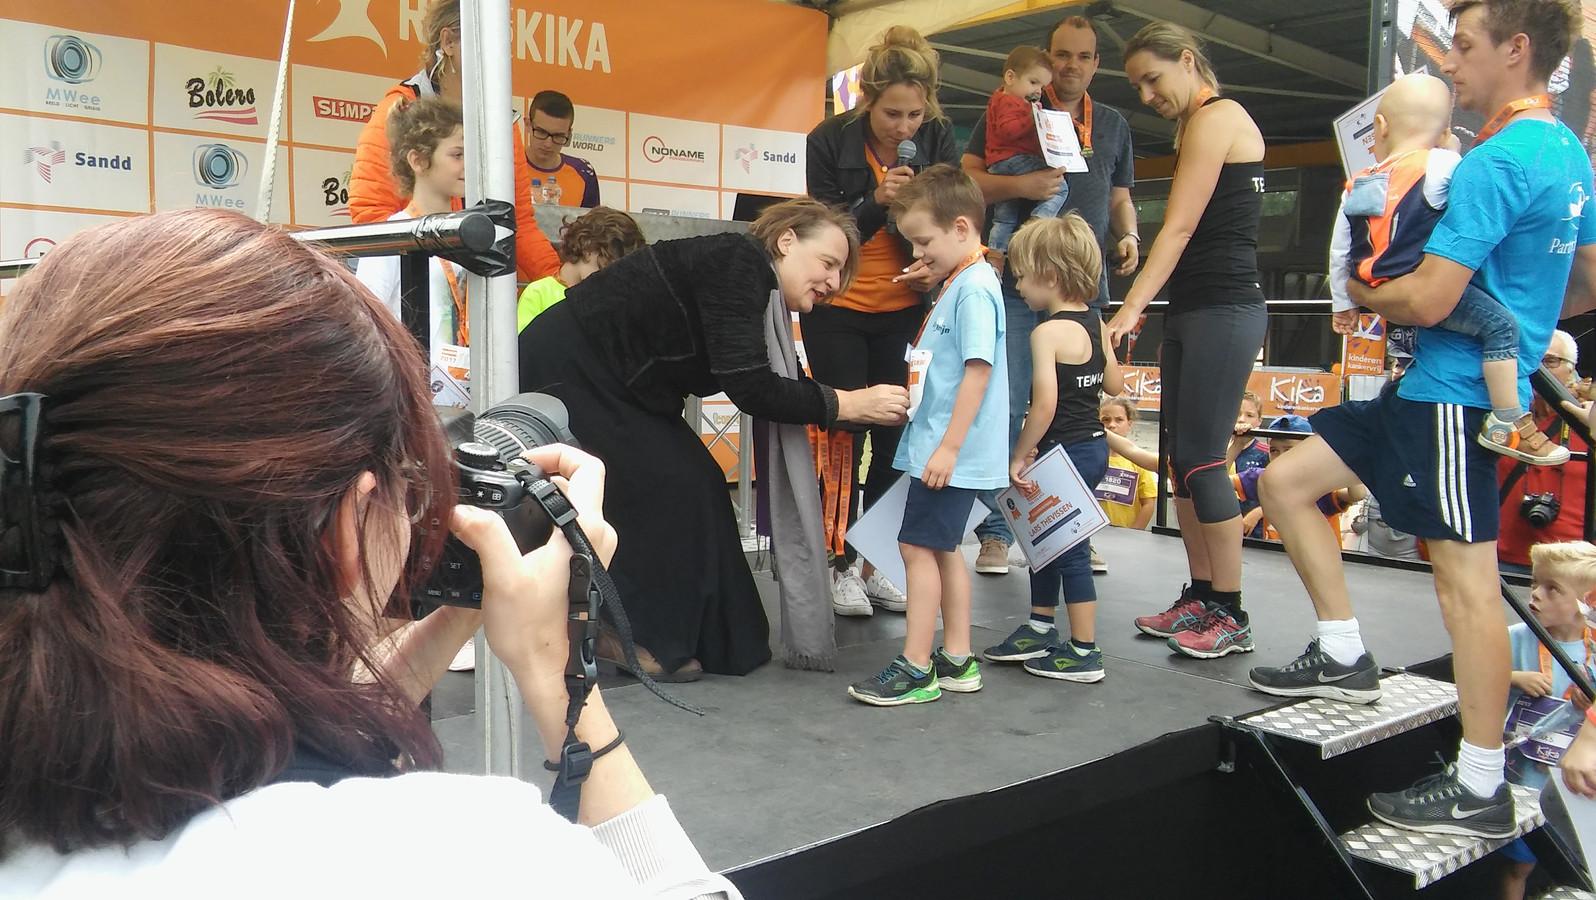 Merijn (6) krijgt van wethouder Mary-Ann Schreurs de medaille en oorkonde tijdens de Kanjerkroning bij de Run fot KiKa in Eindhoven.